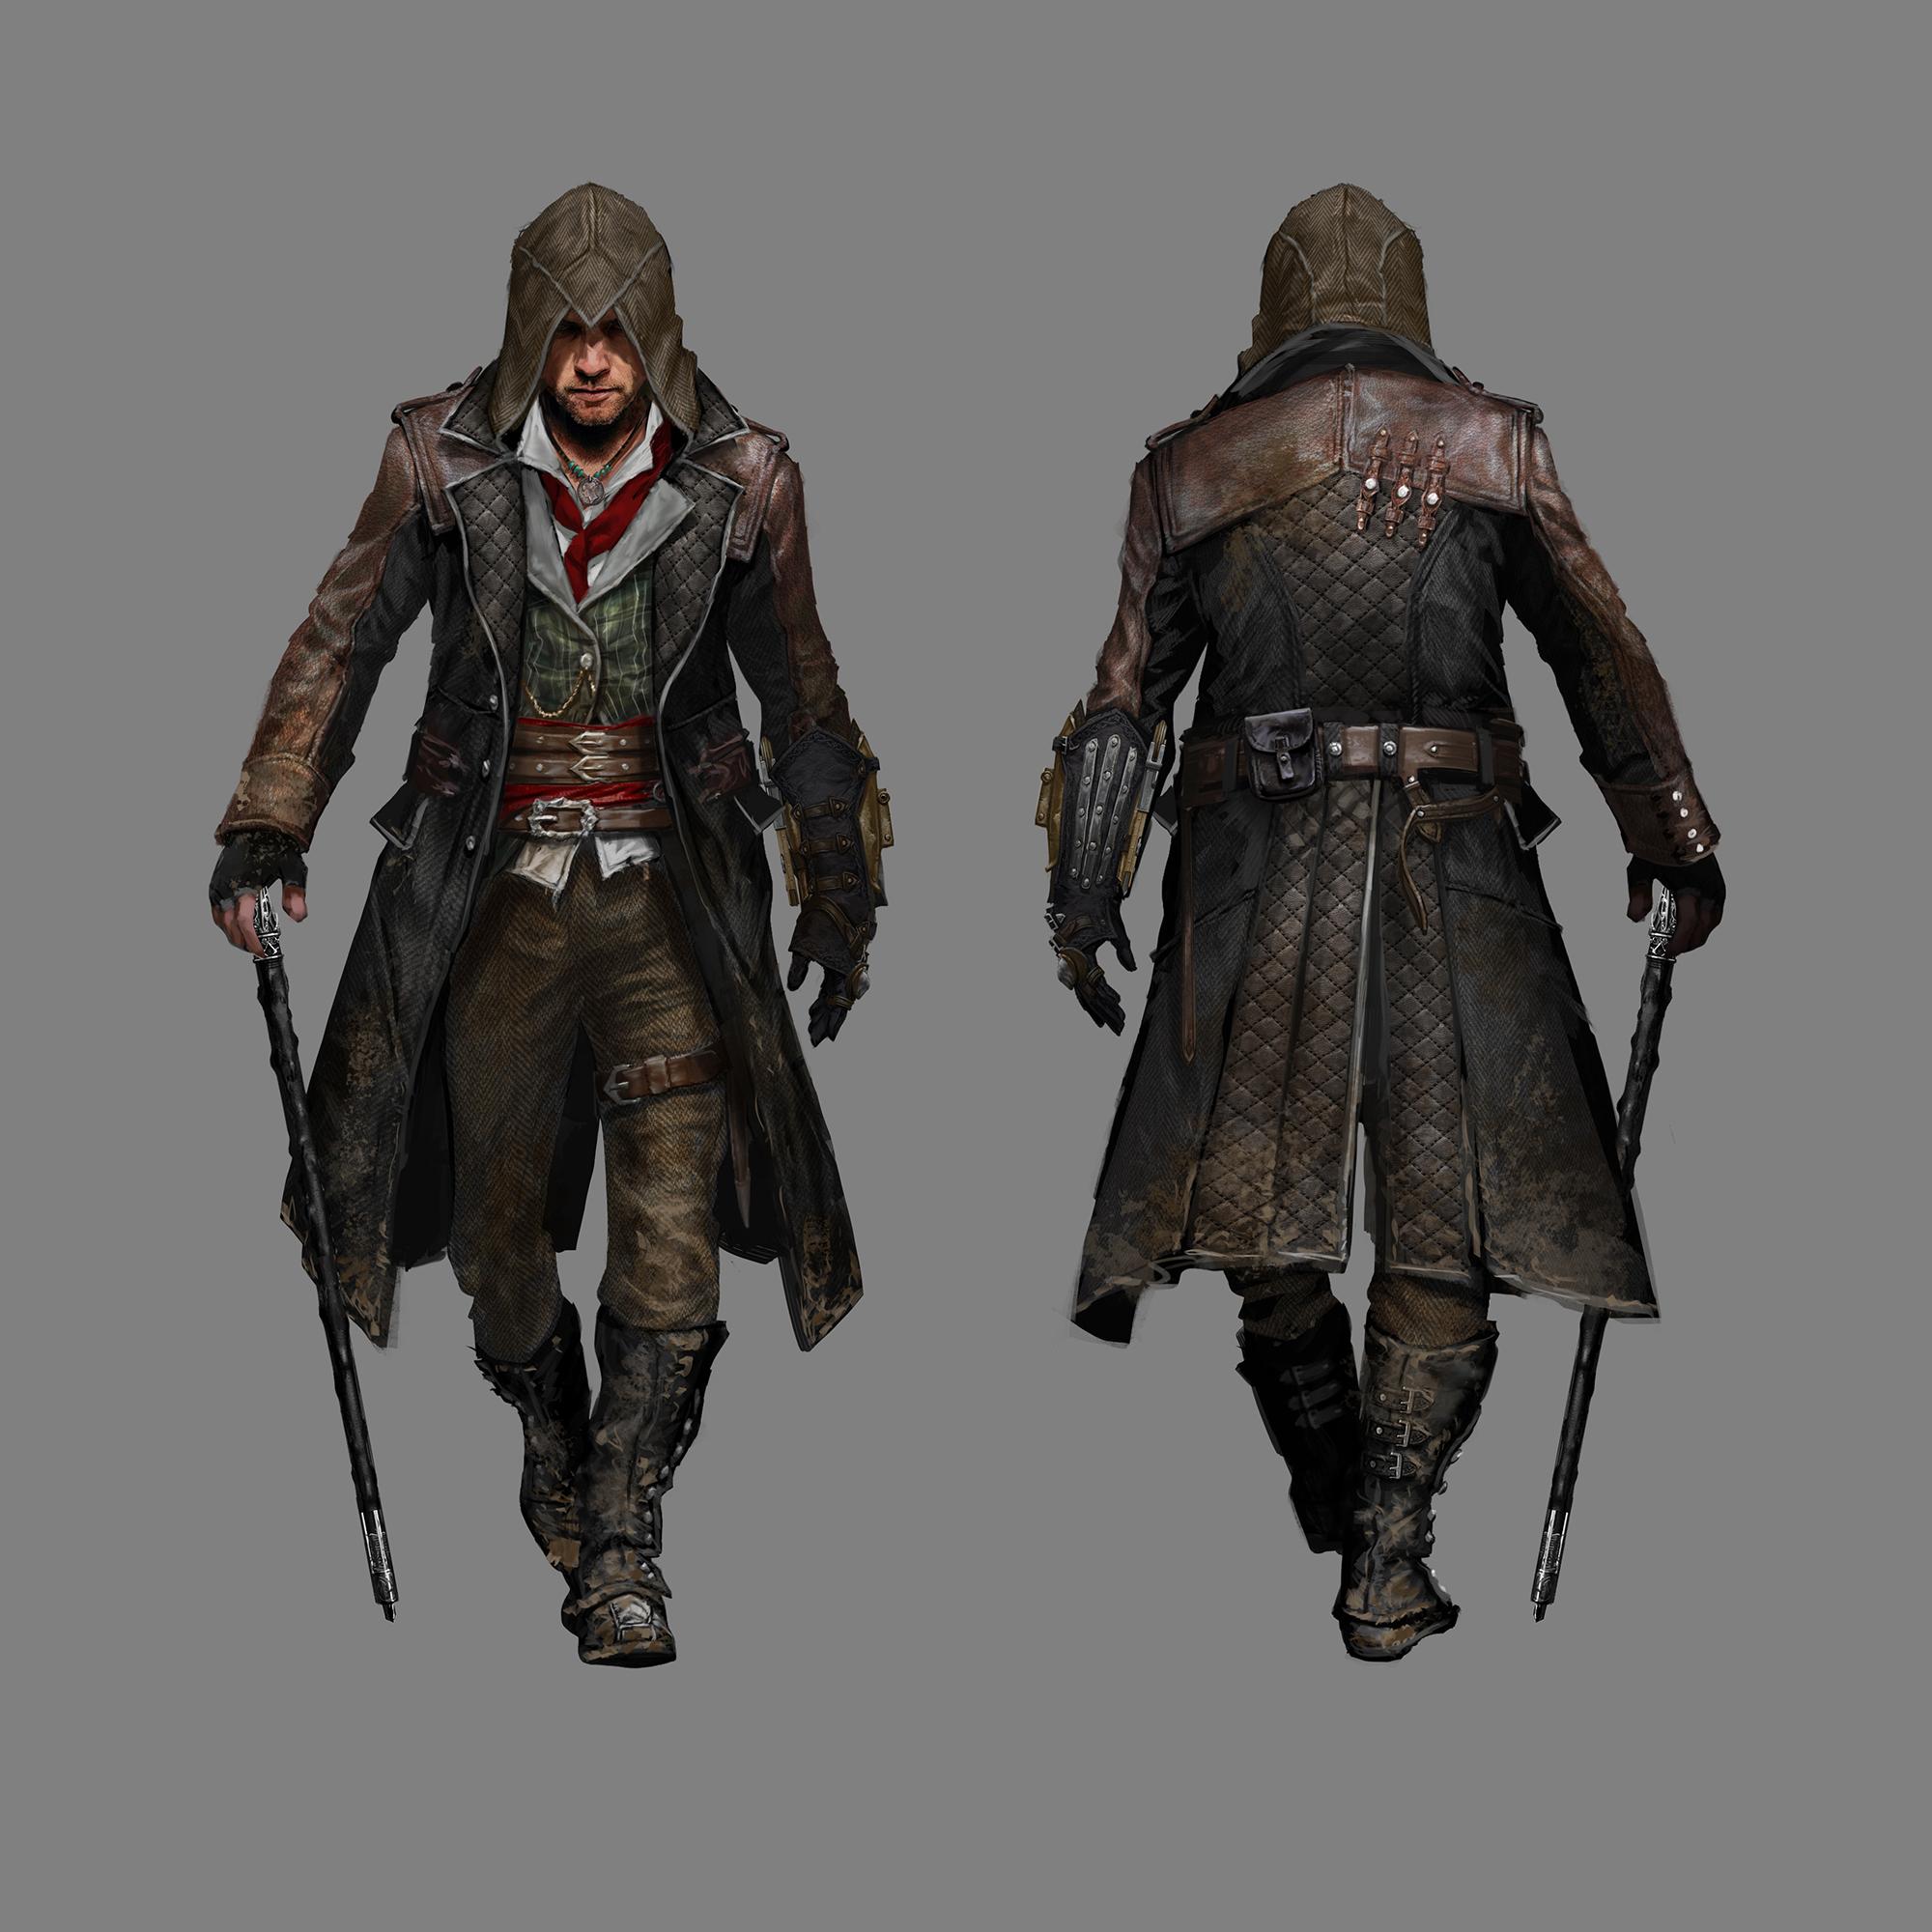 Dodatečné artworky z Assassin's Creed: Syndicate 108976